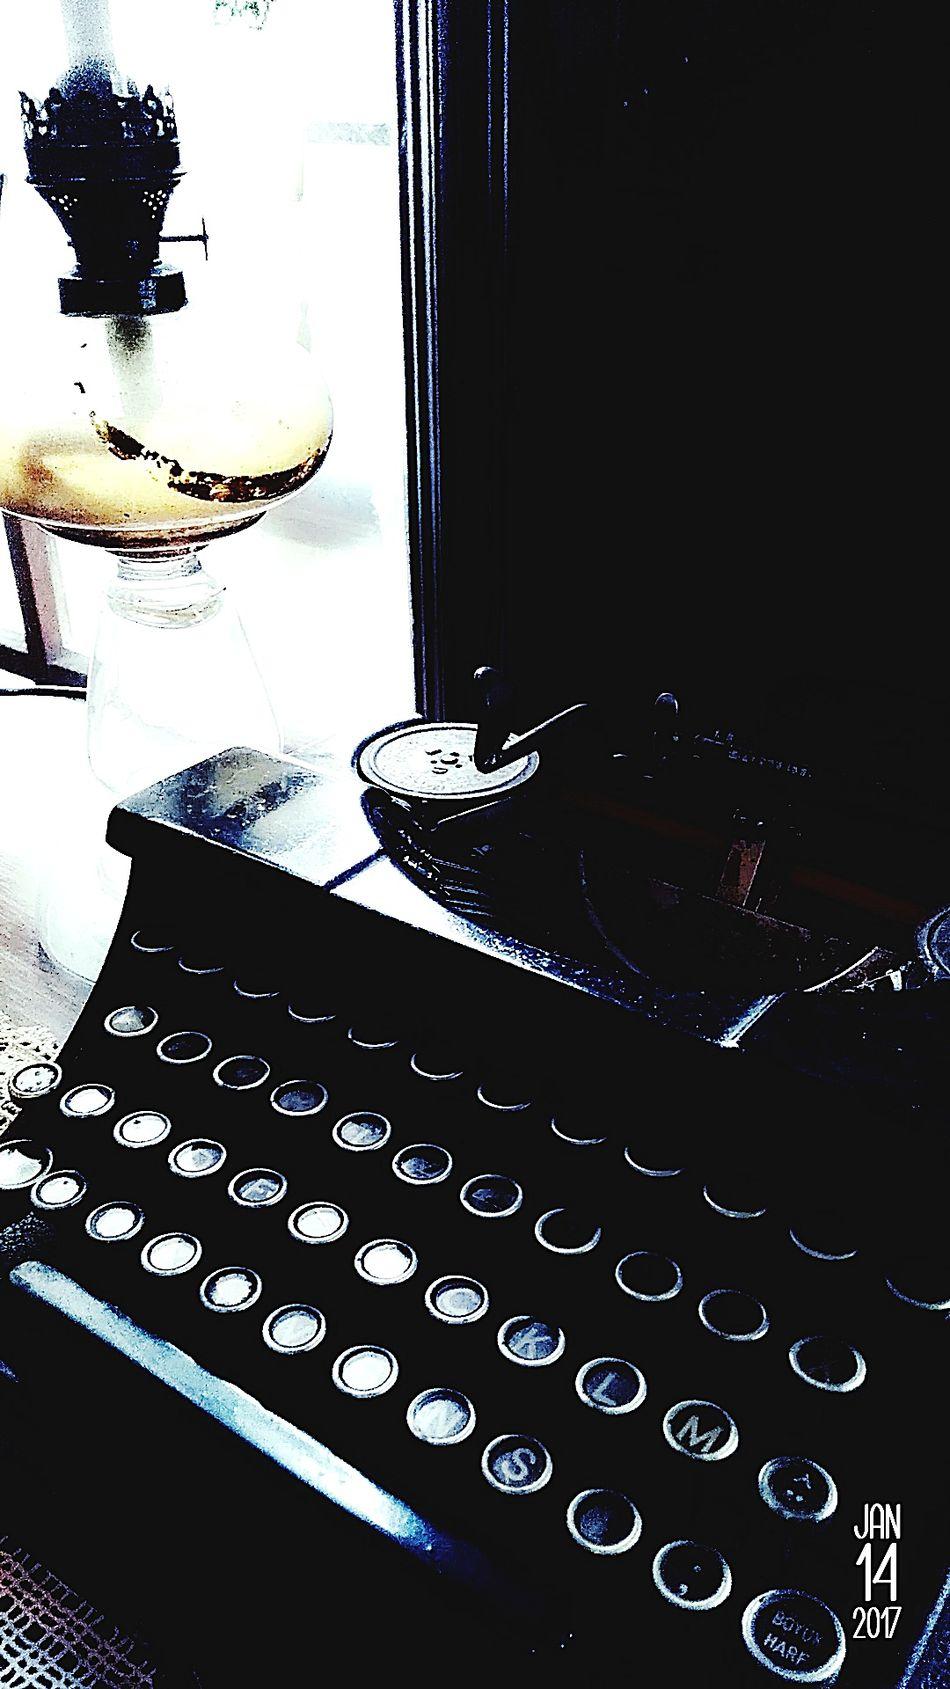 Hayat sürüyordu, daktilo vardı, kağıt vardı, onları görmek için göz vardı, onlara hayat verecek düşünceler vardı. Black Color Dark Typewriter Daktilo Eyemphotography Photographer First Eyeem Photo B&w Black Black & White EyeEmNewHere